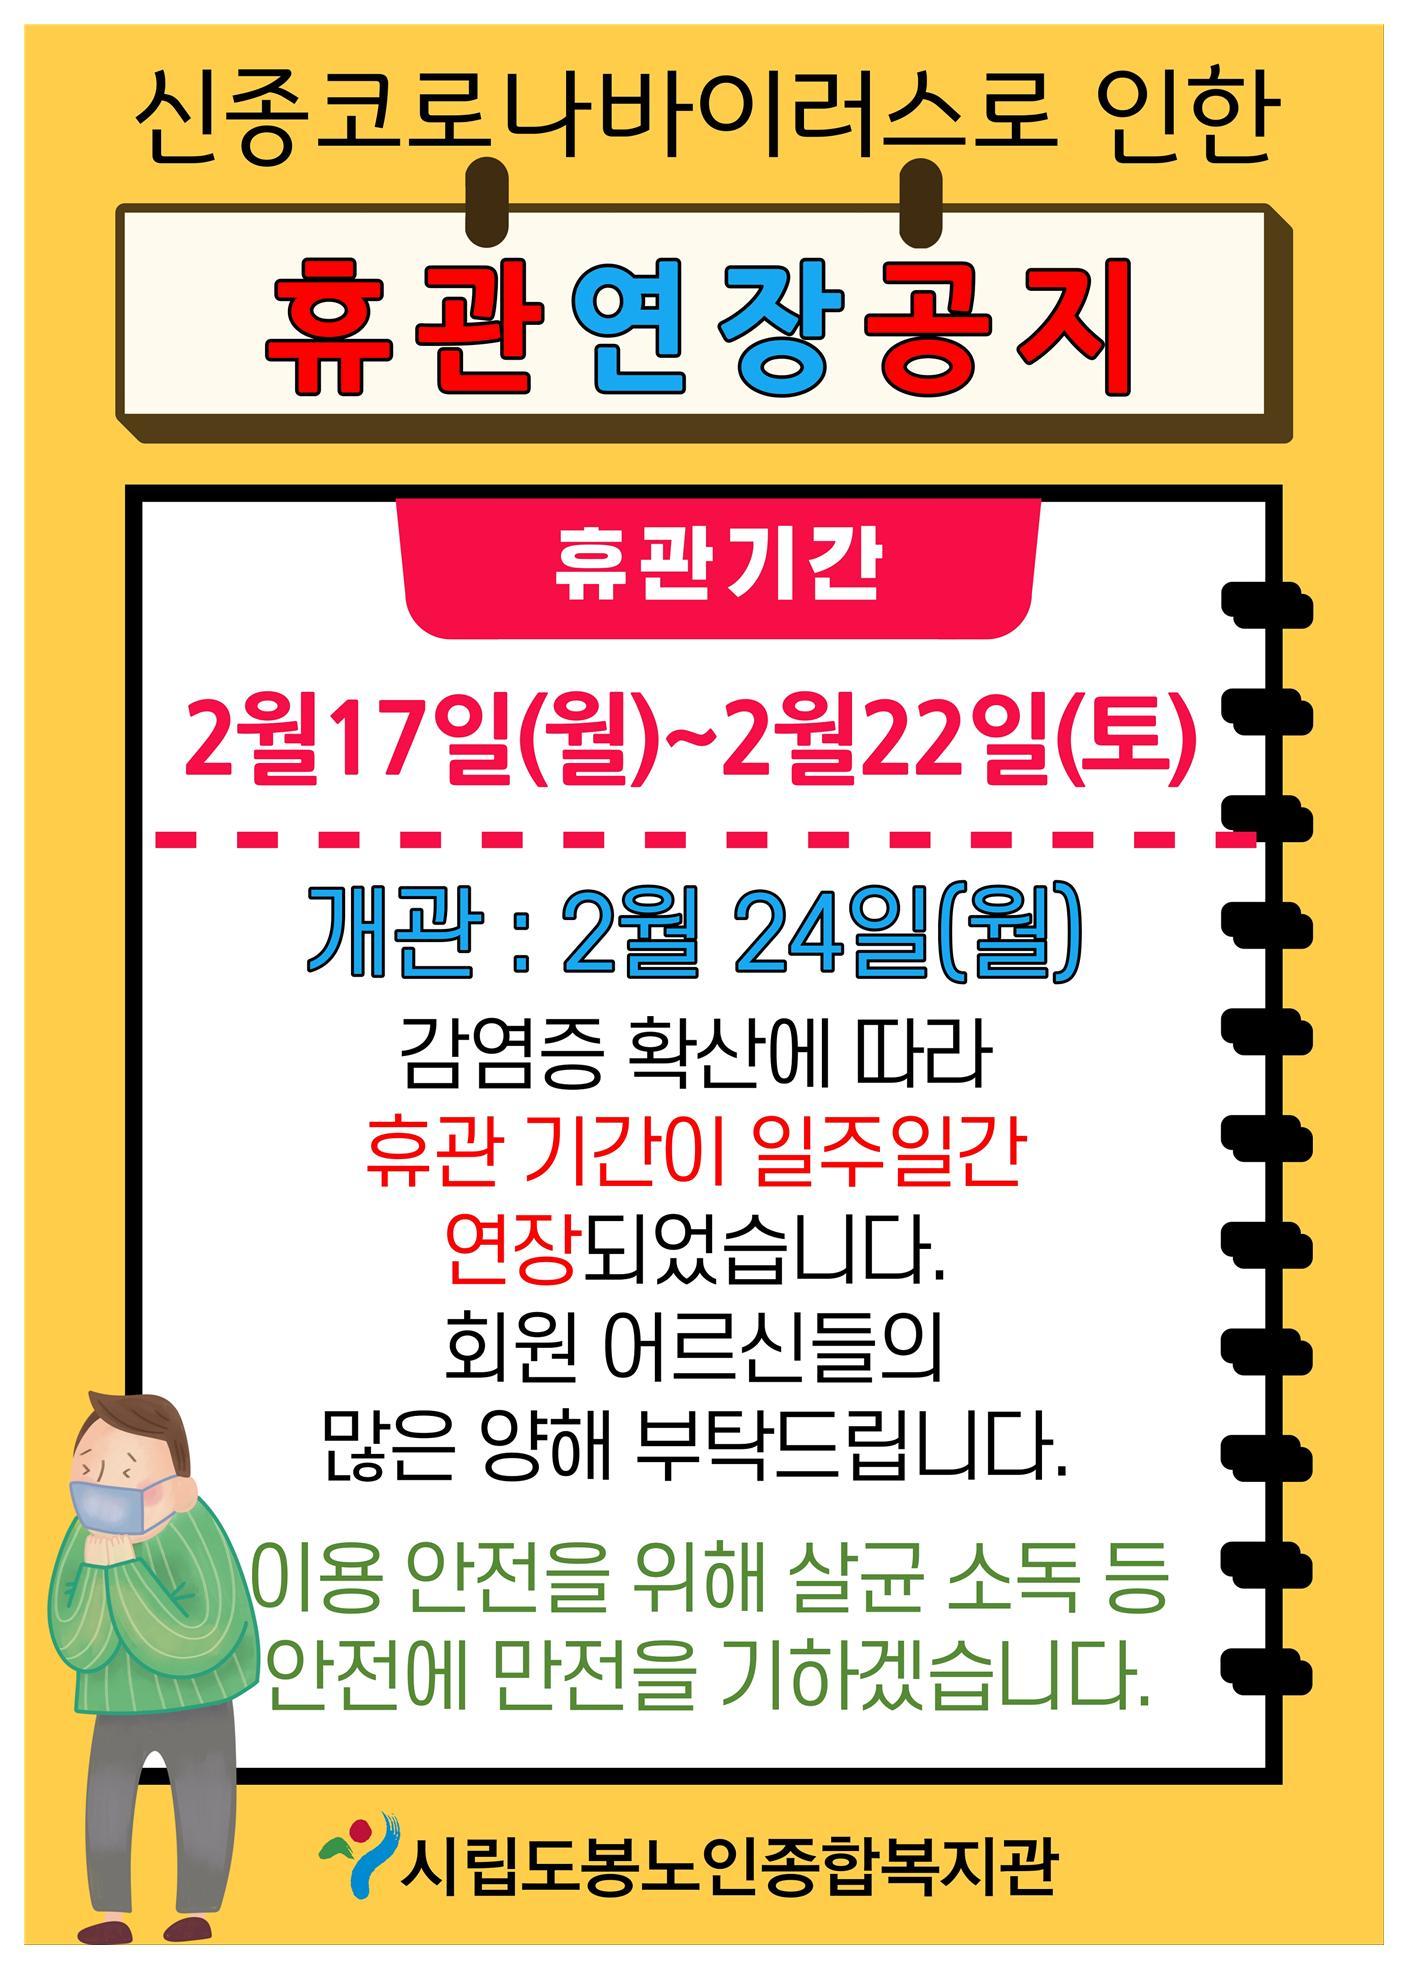 홈페이지용 휴관연장공지001.jpg